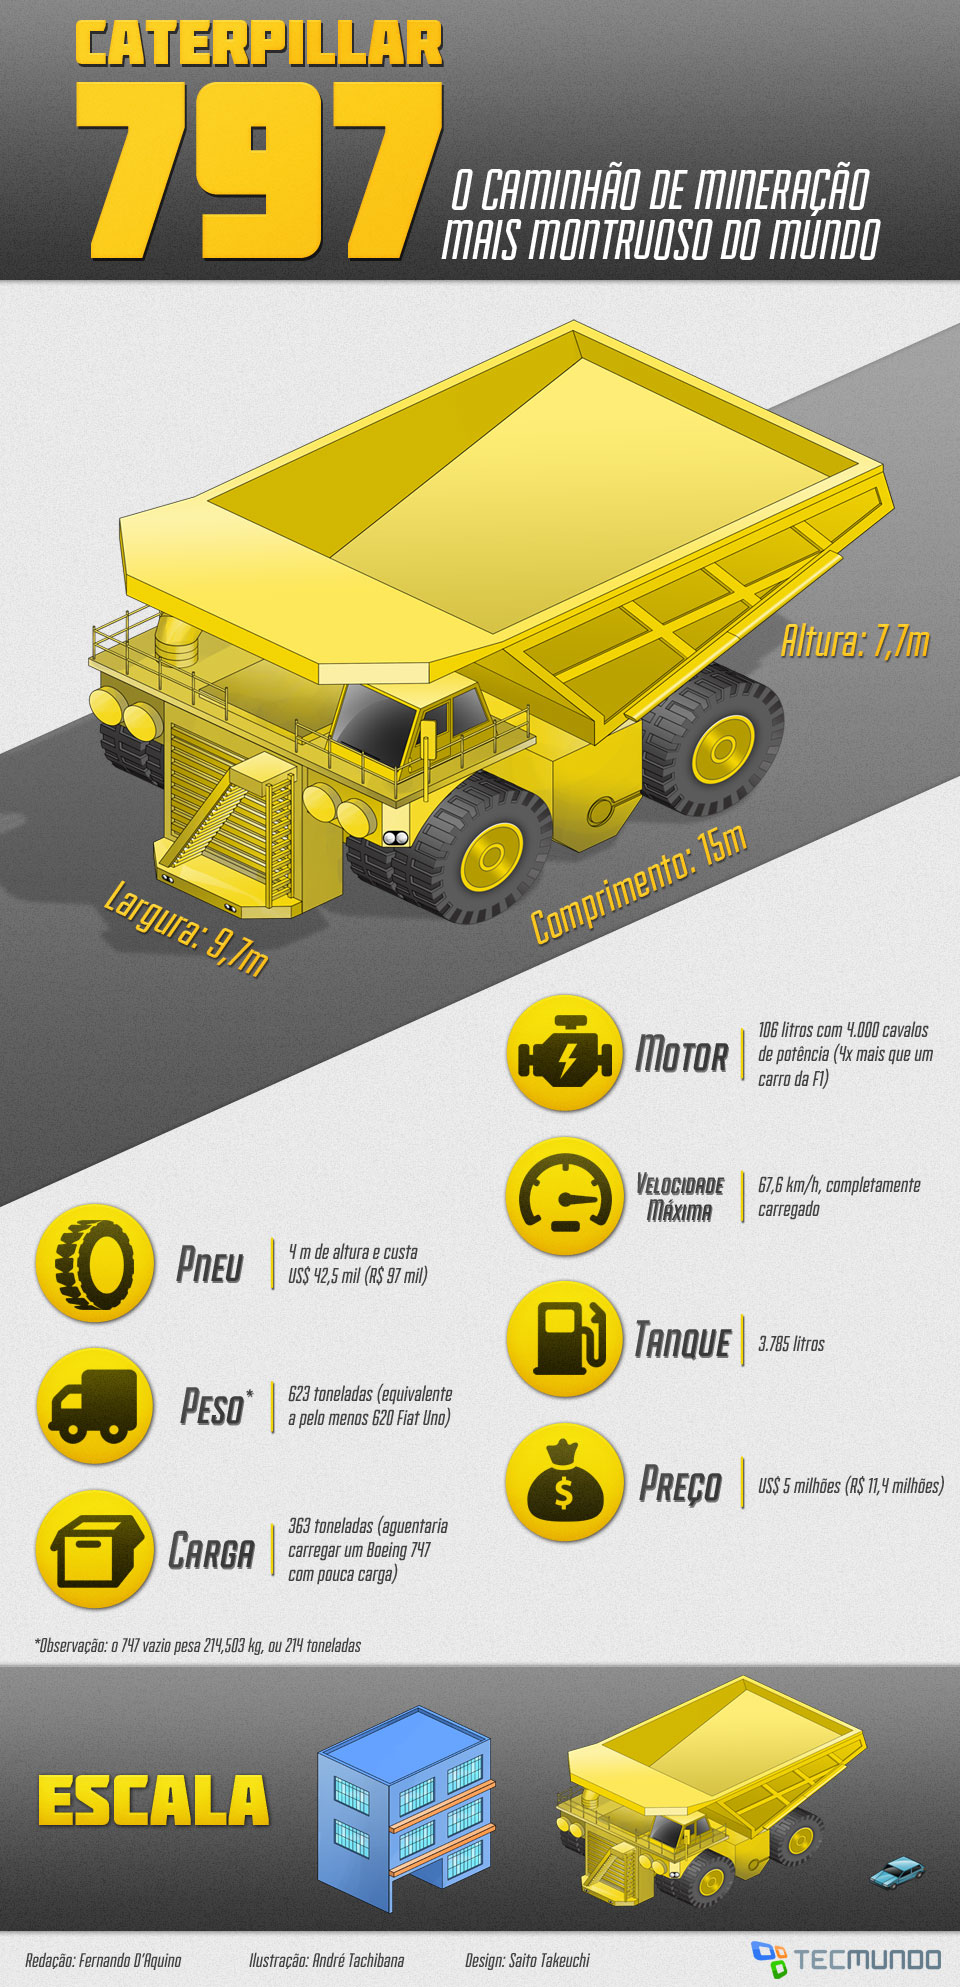 Caterpillar 797: o caminhão mais monstruoso do mundo [ilustração]